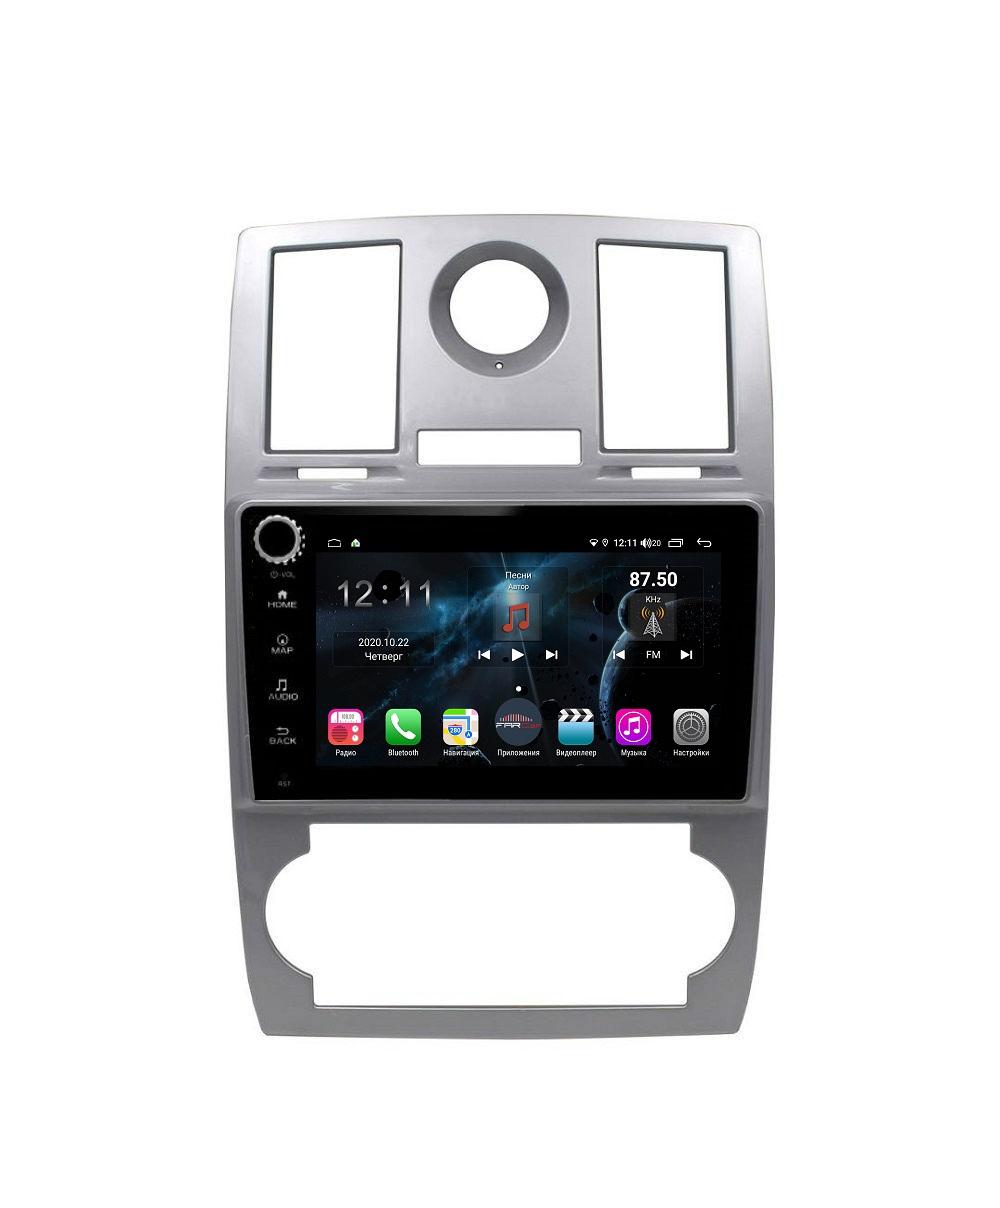 Магнитола FarCar s400 для Chrysler 300C на Android (H206RB) (+ Камера заднего вида в подарок!)